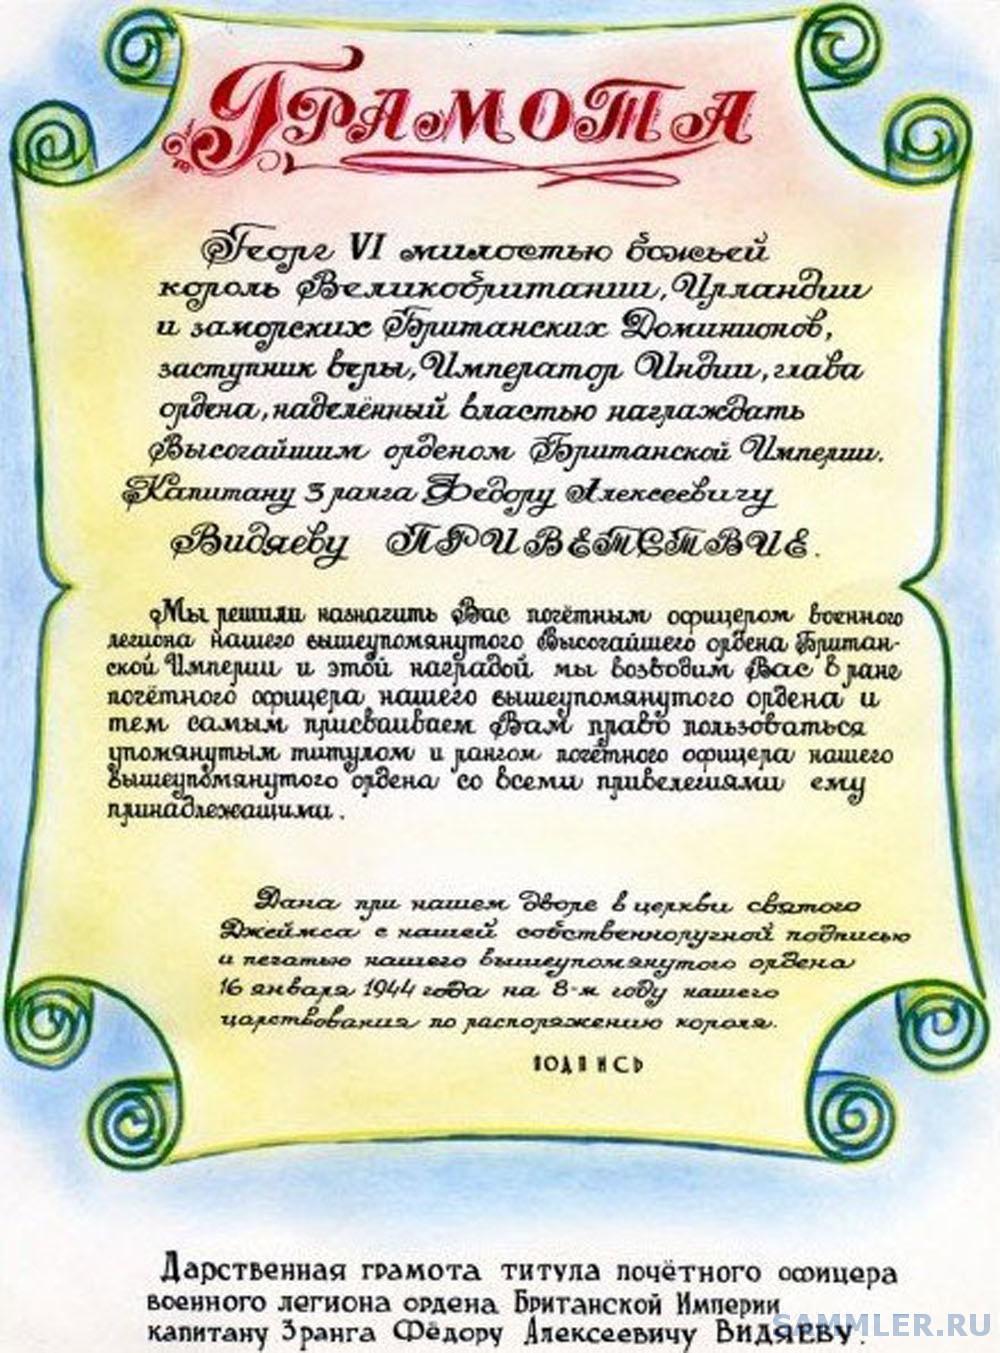 1Fedor Vidaev1.jpg